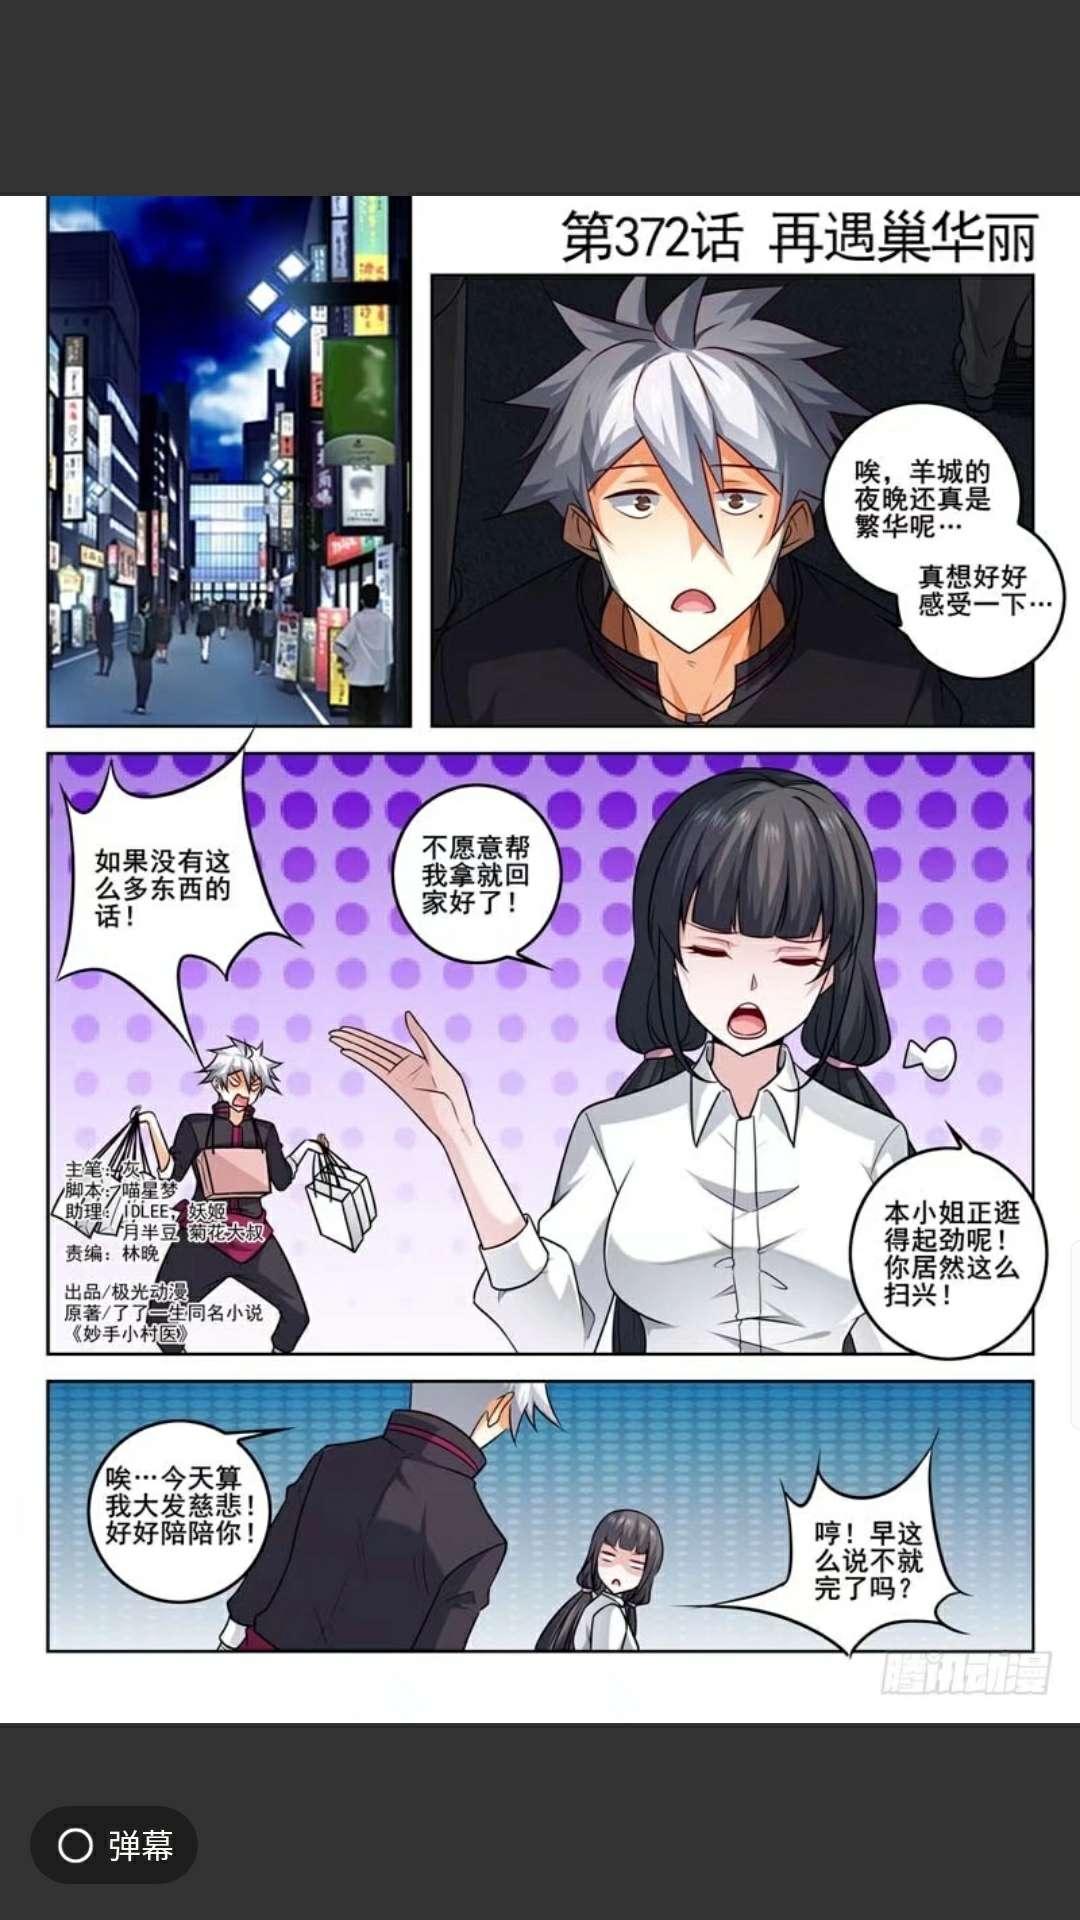 【漫画更新】中华神医,口字谜语及答案-小柚妹站